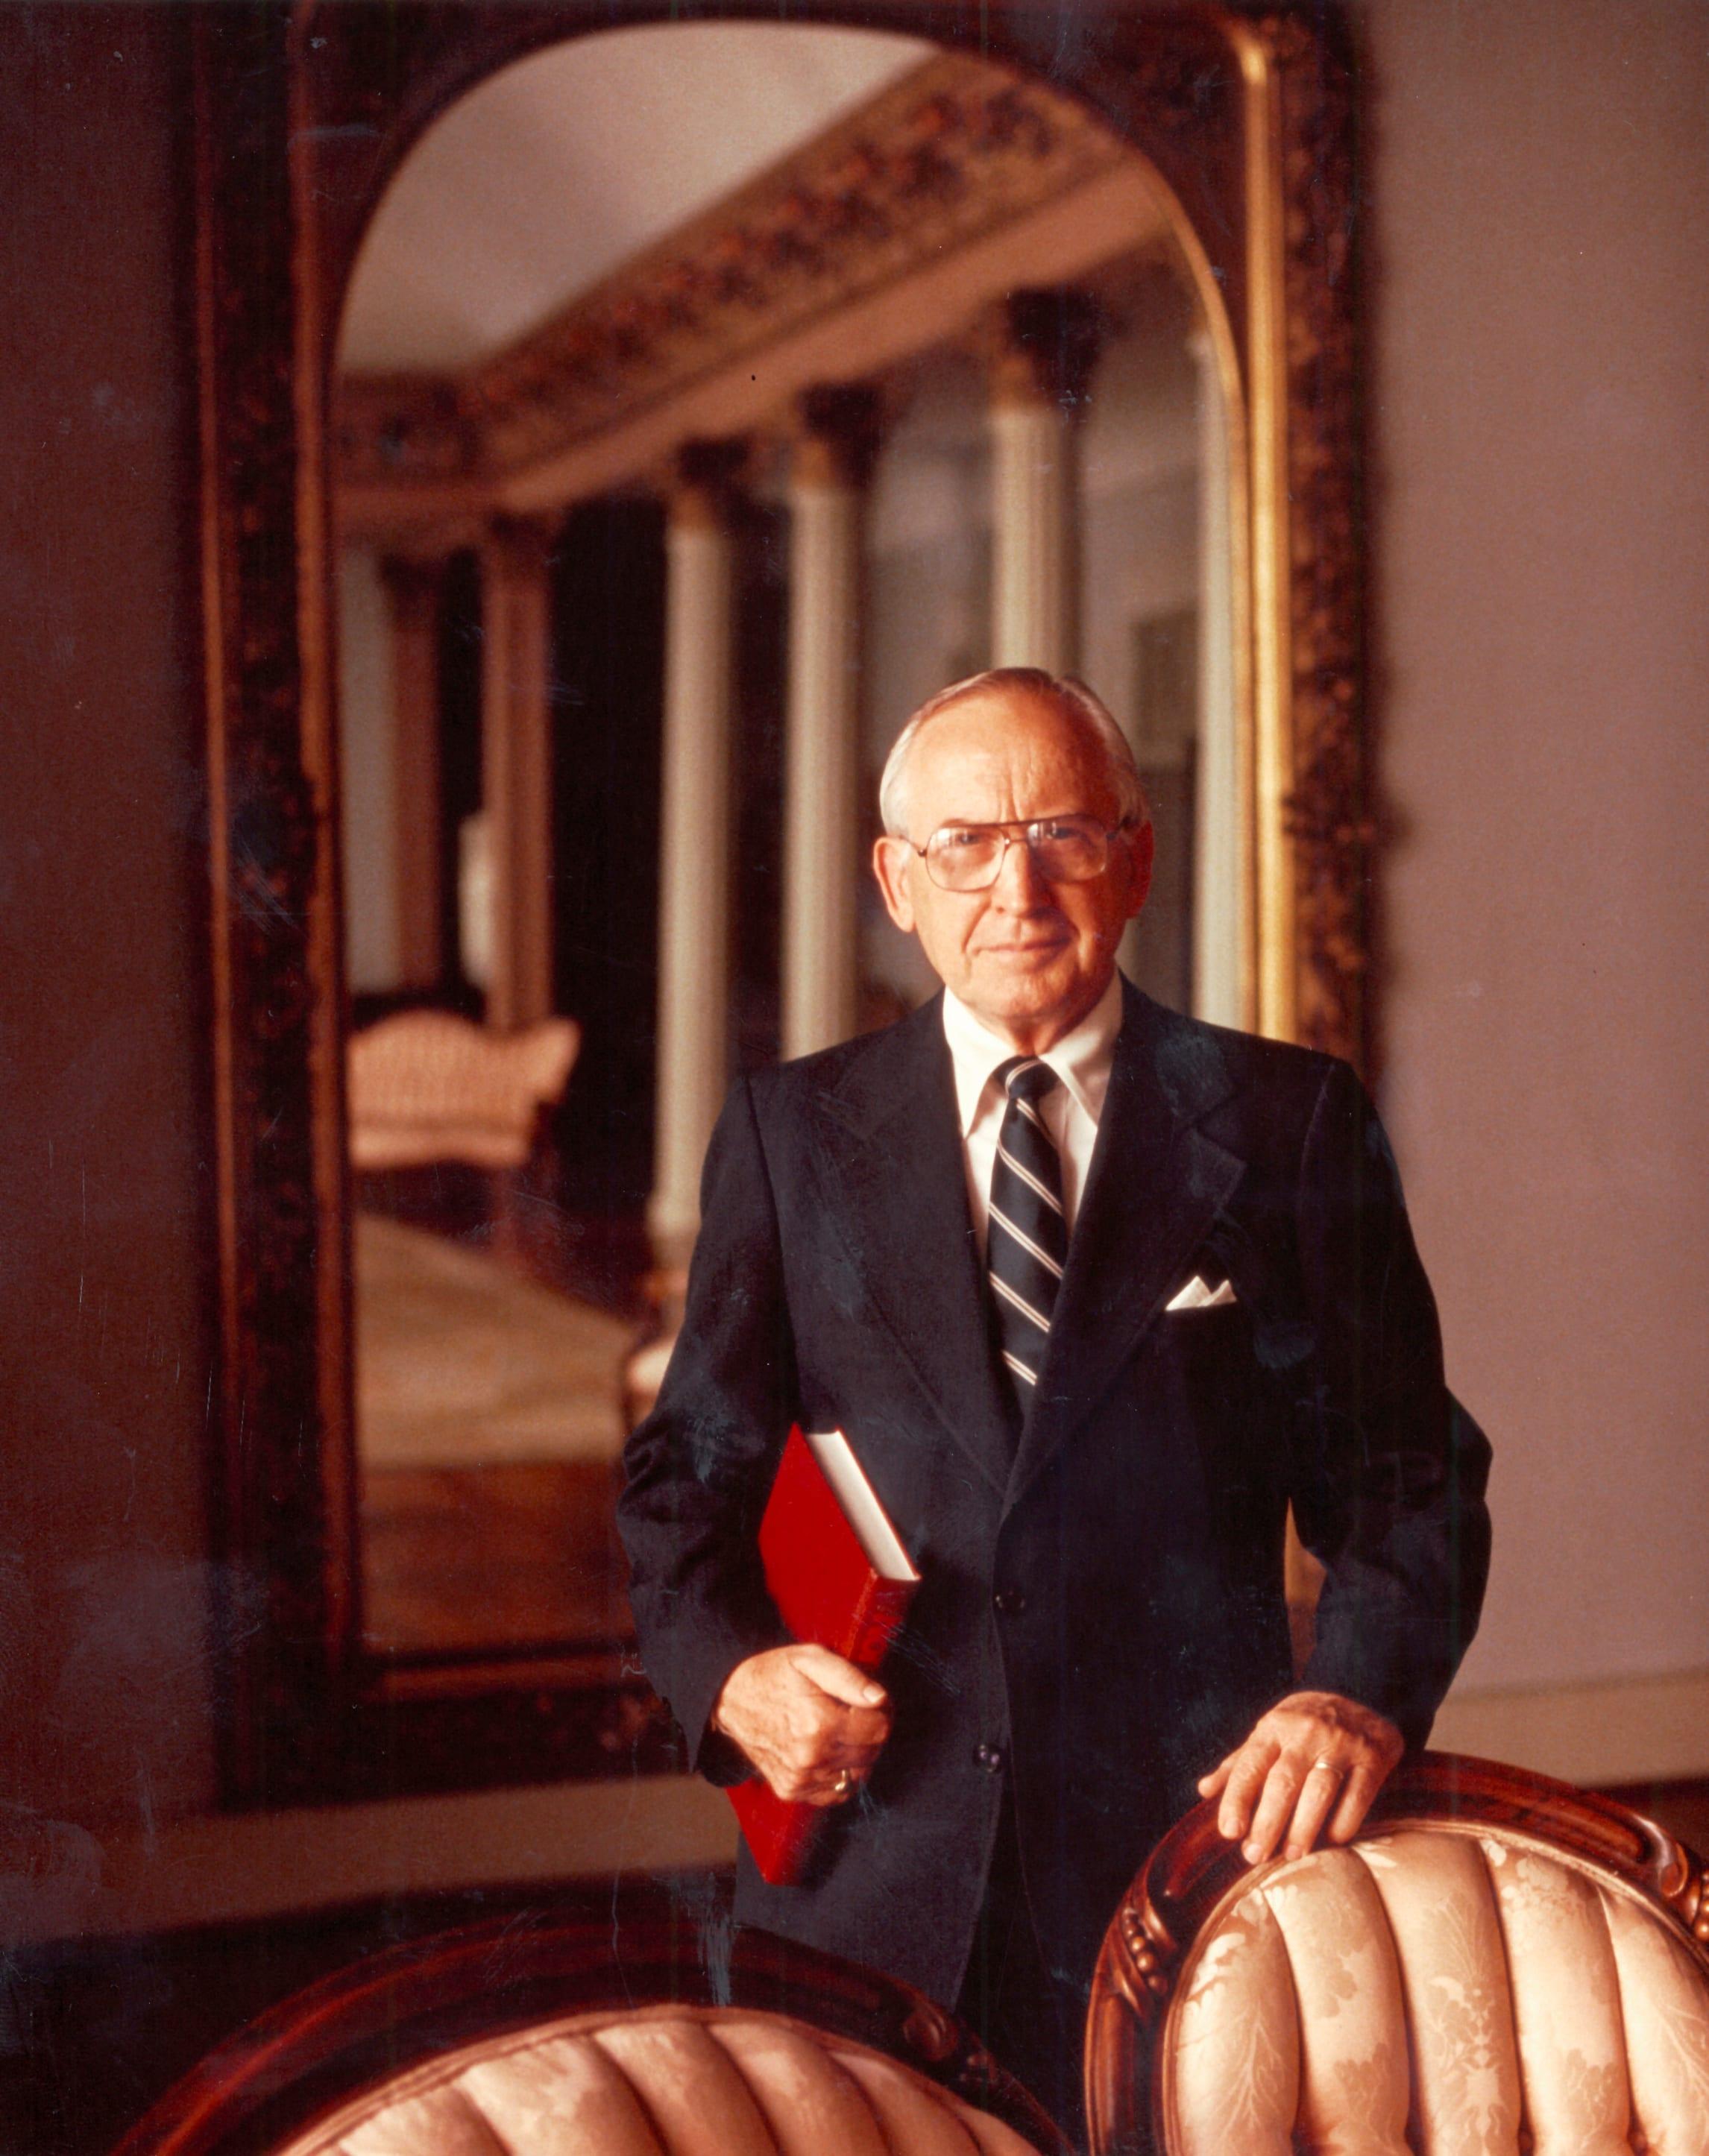 President Gabhart